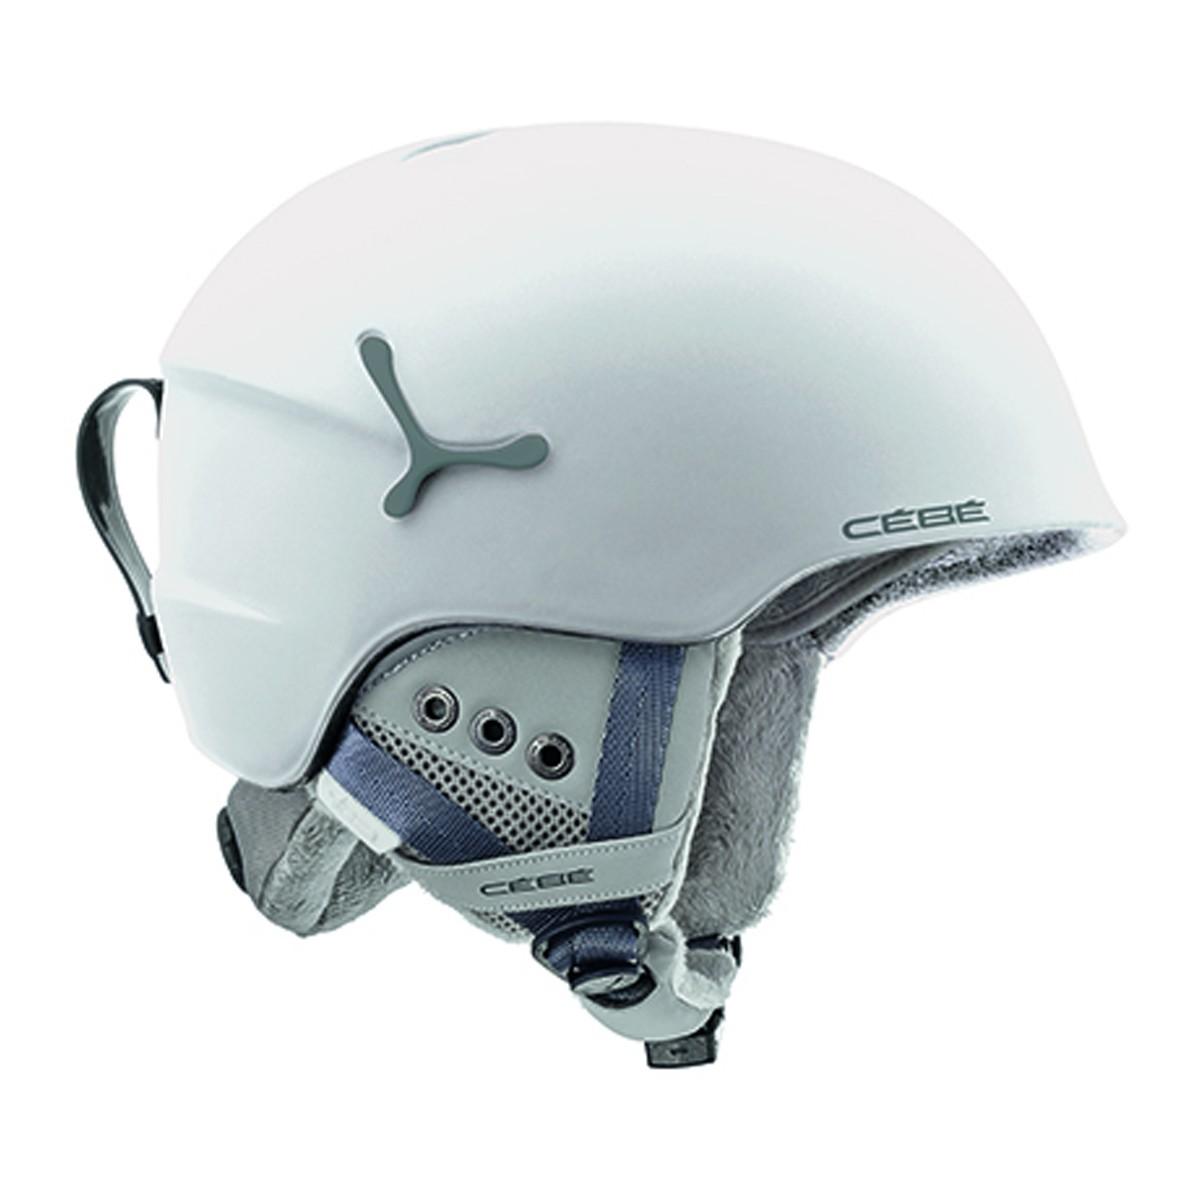 Casco sci Cebe Suspense Deluxe (Colore: matt white-silver, Taglia: 54/56)